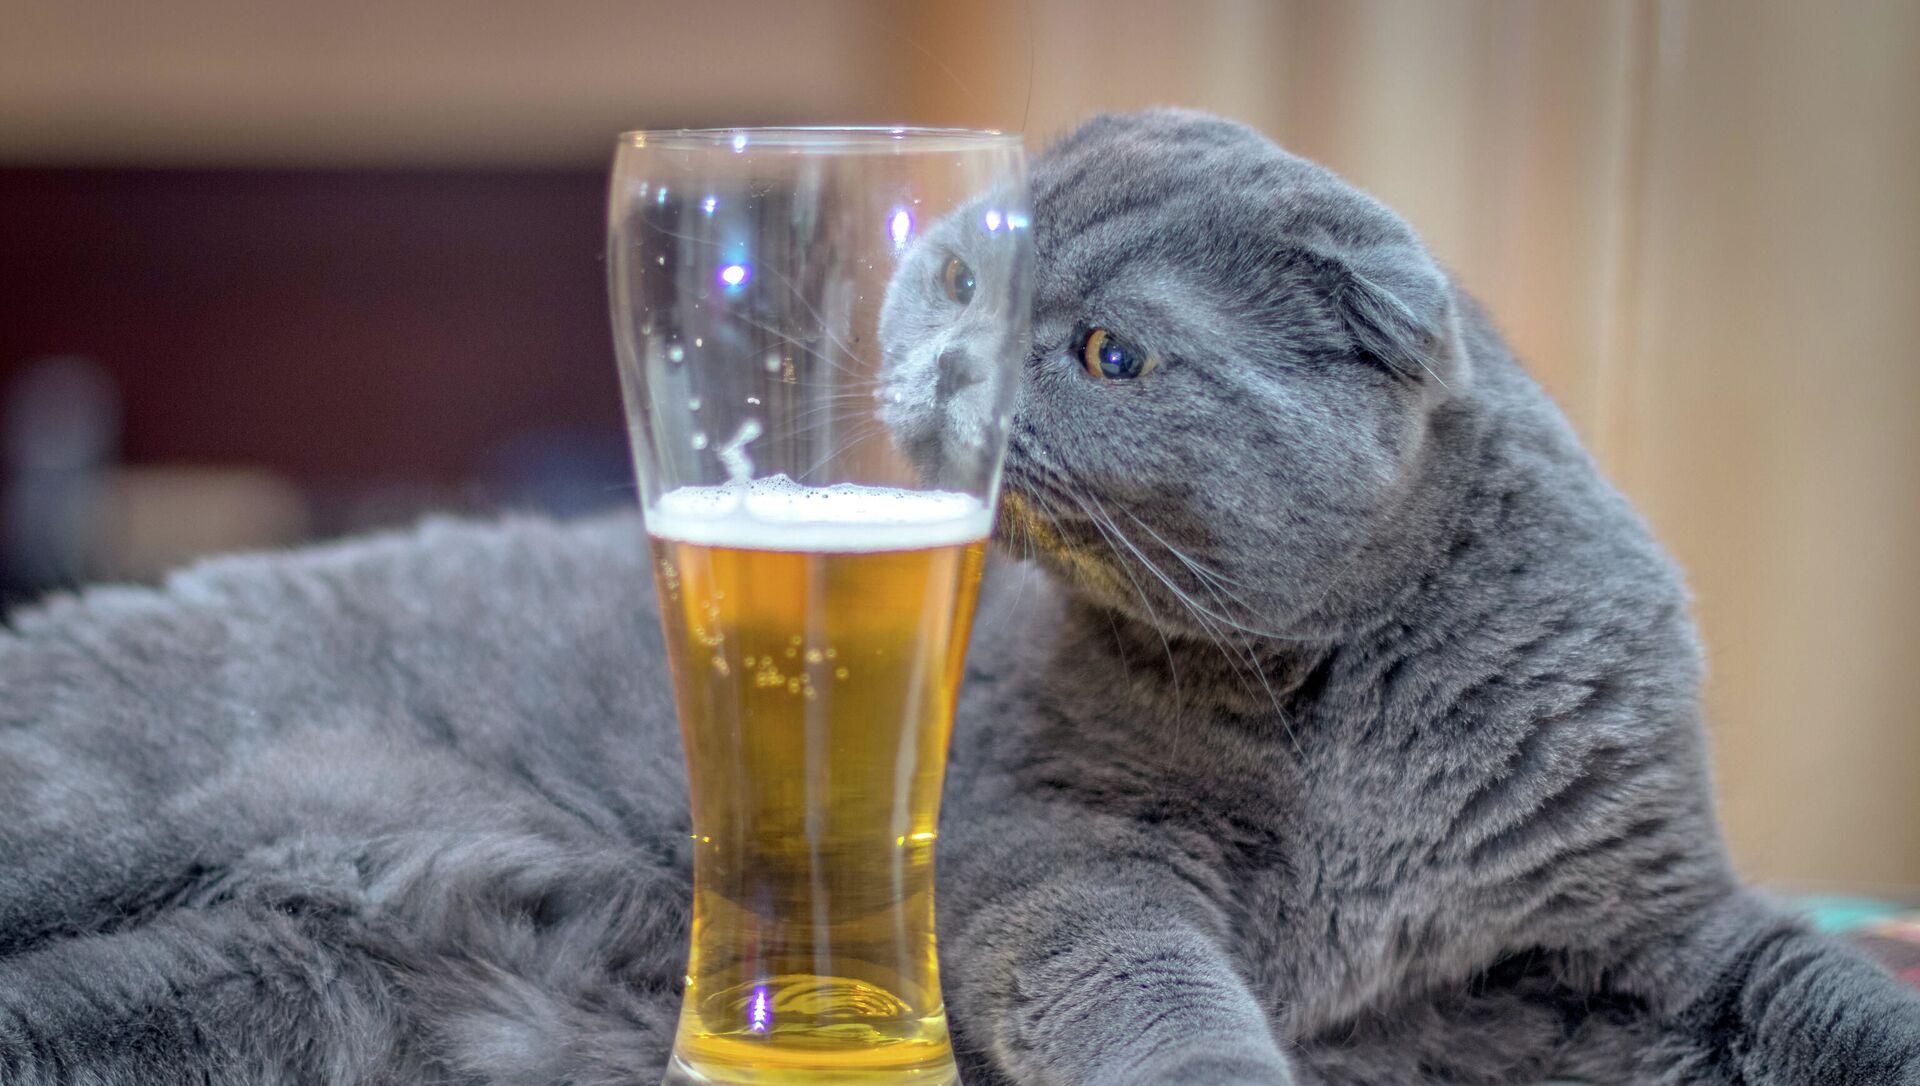 Il gatto con la birra - Sputnik Italia, 1920, 11.04.2021